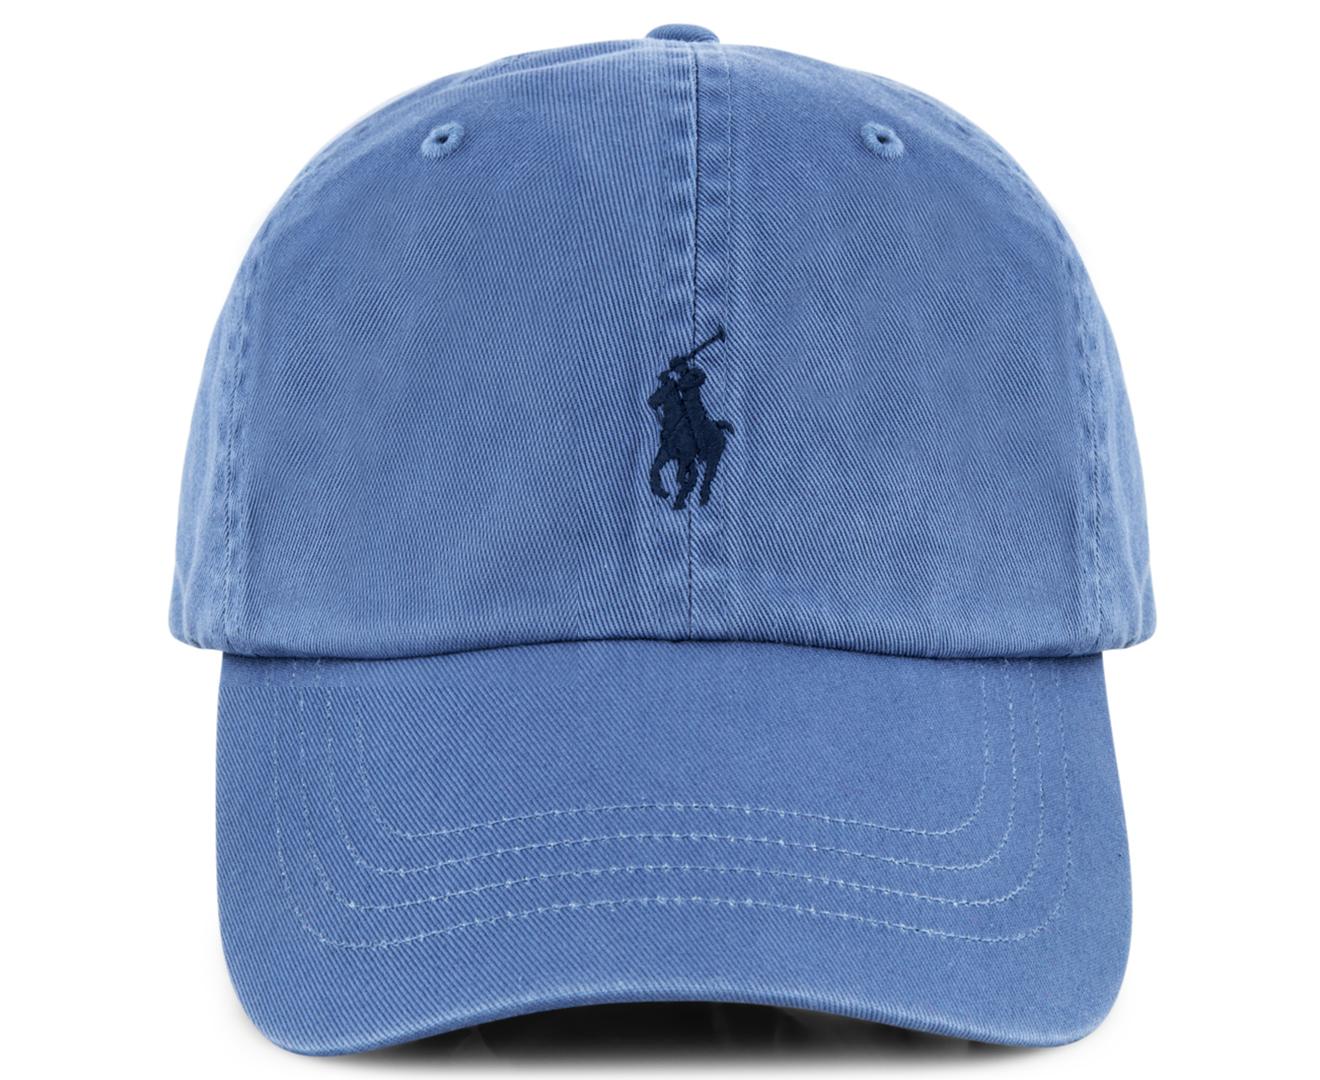 Polo Ralph Lauren Logo Baseball Cap - Blue 712168035465  91a8102f391